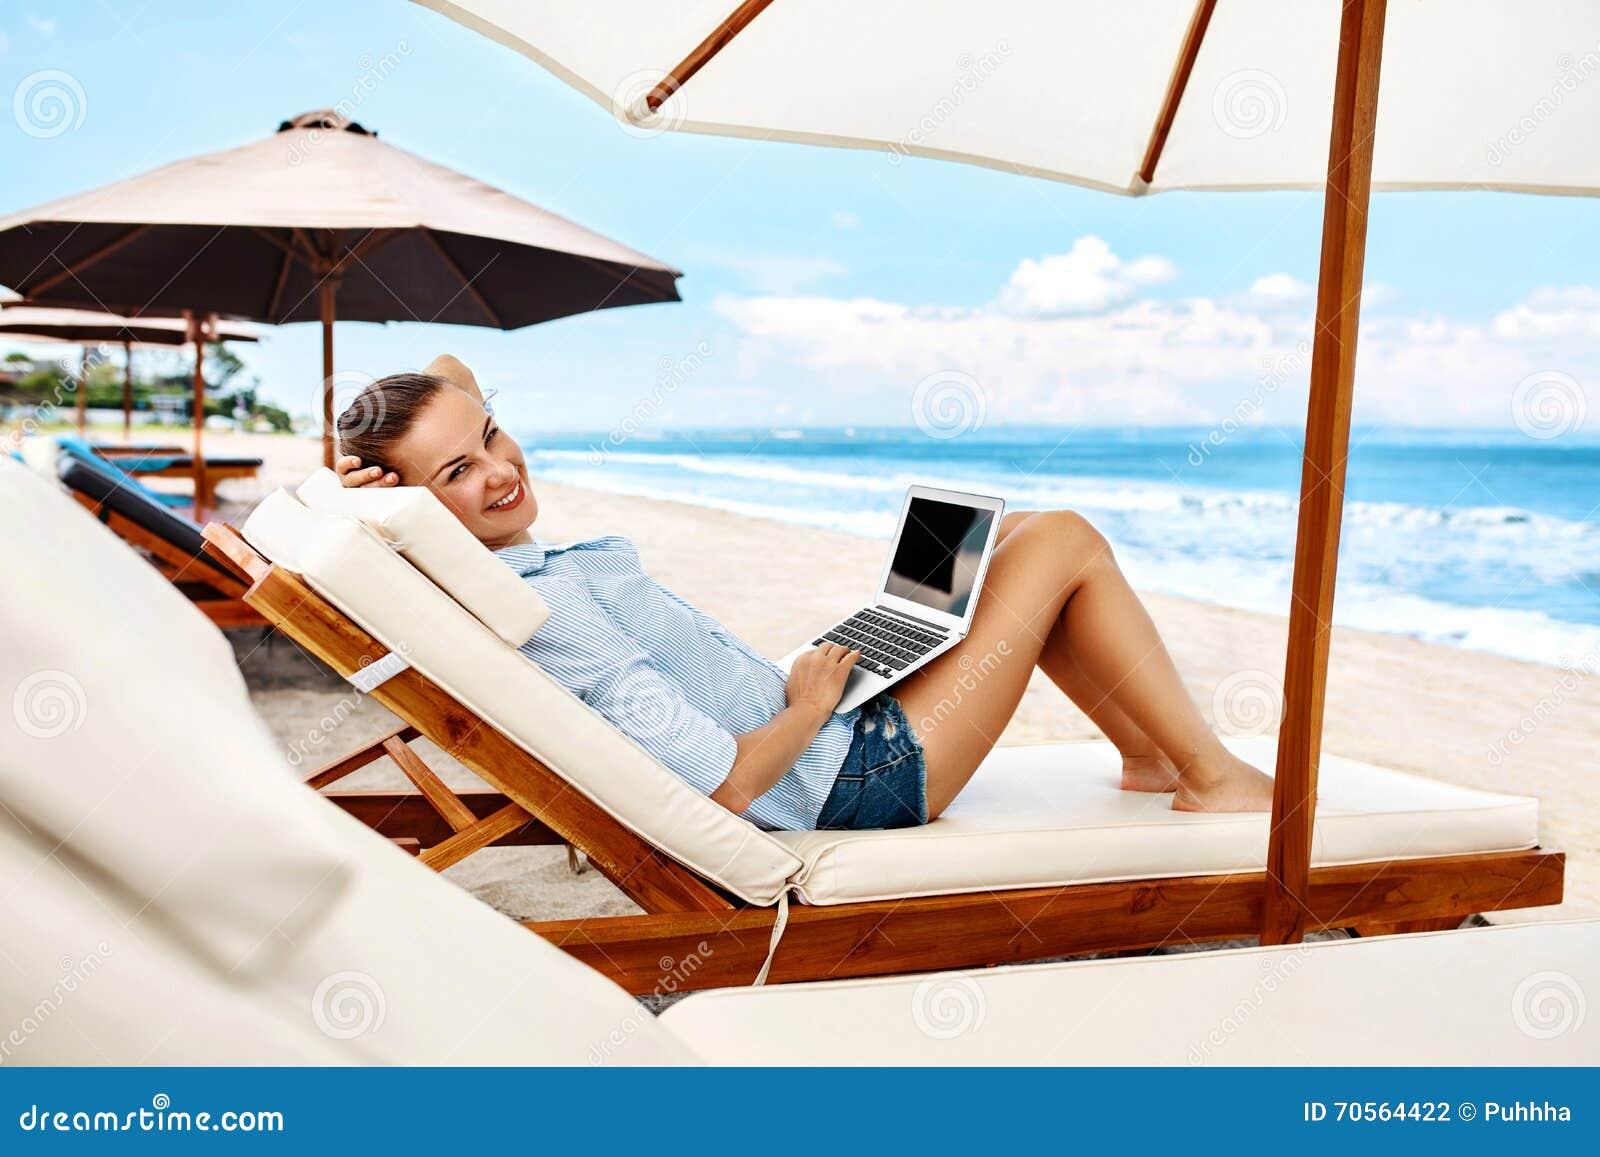 Lavoro di estate Donna che si rilassa facendo uso del computer sulla spiaggia freelance